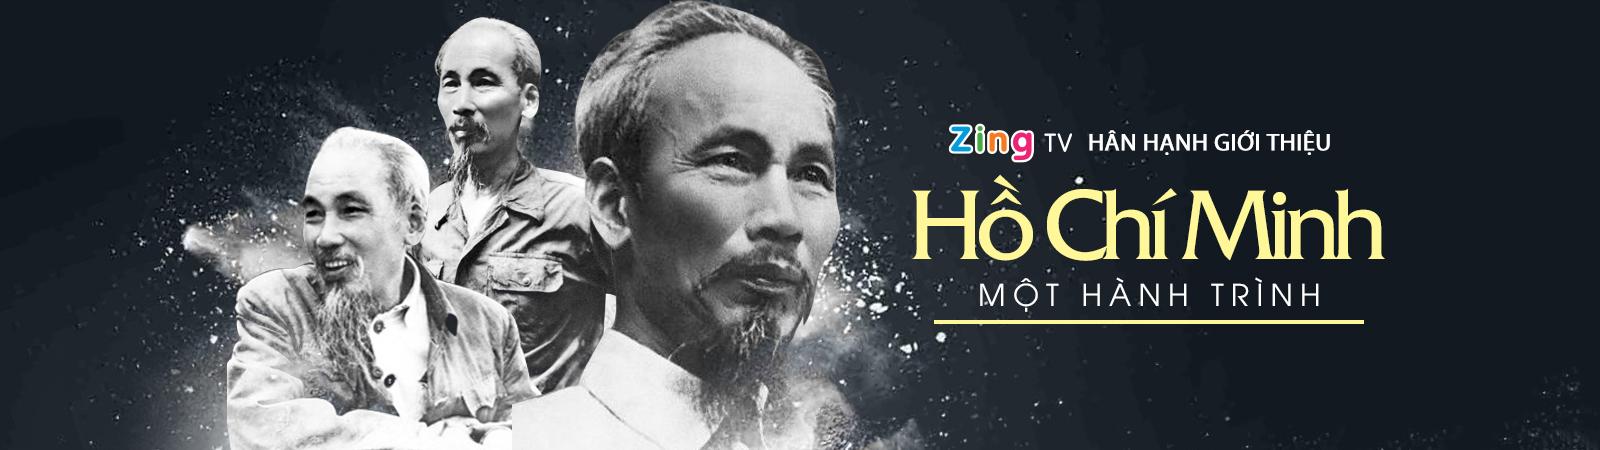 Hồ Chí Minh - Một Hành Trình